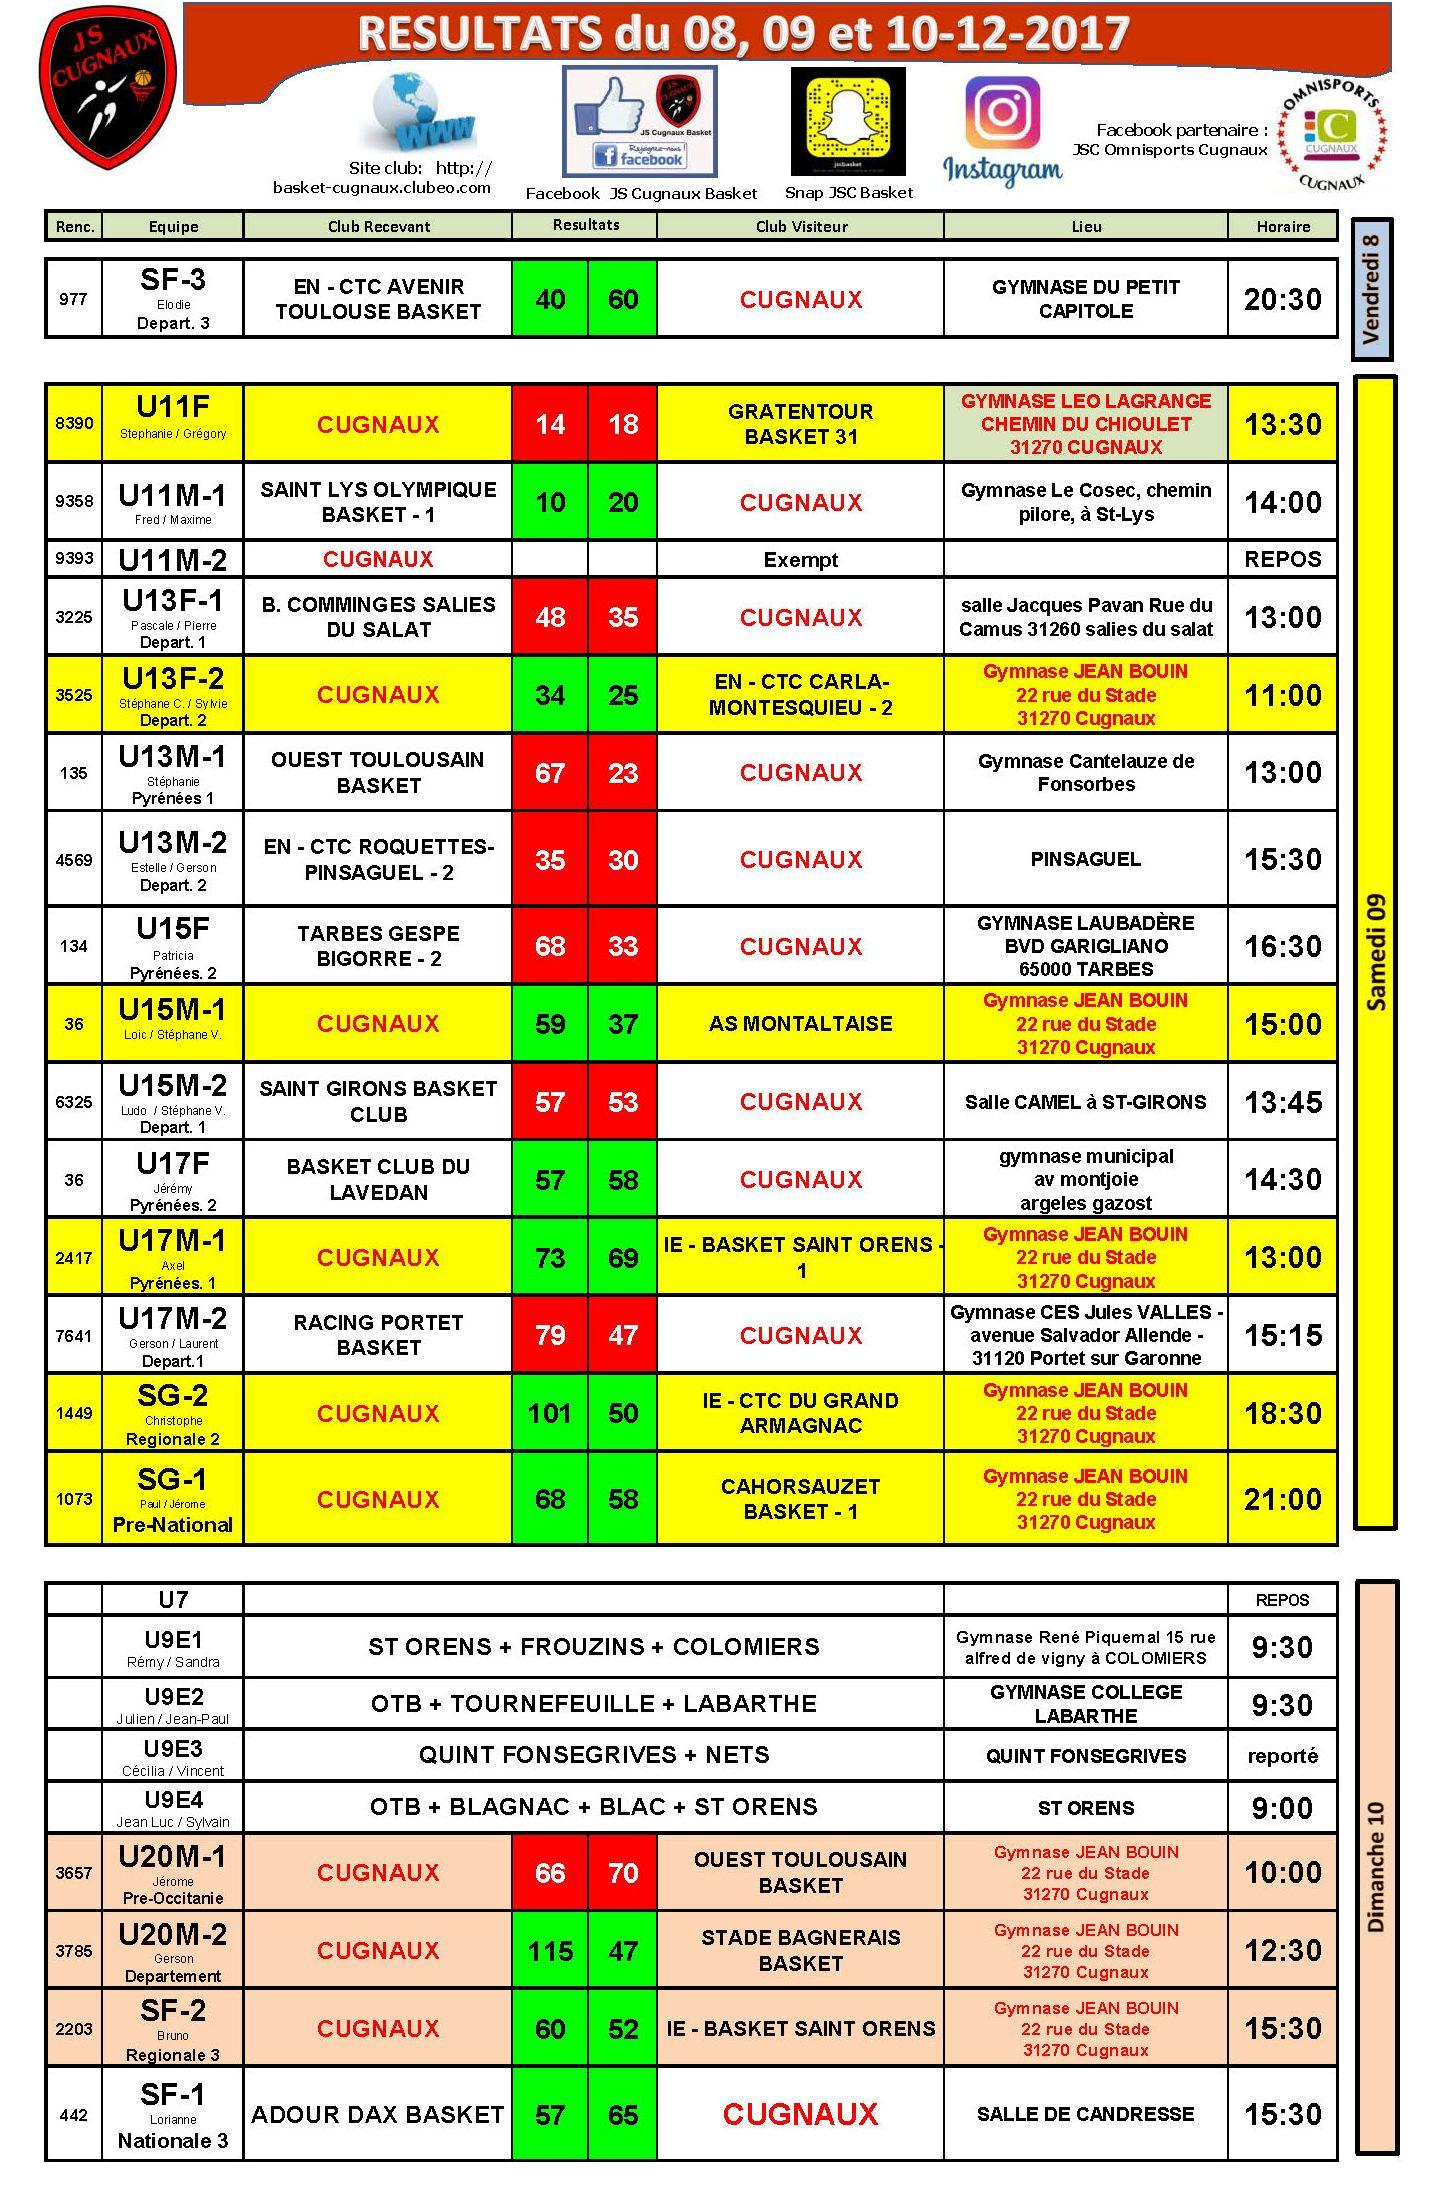 2017-10-11-14-15 resultats.jpg